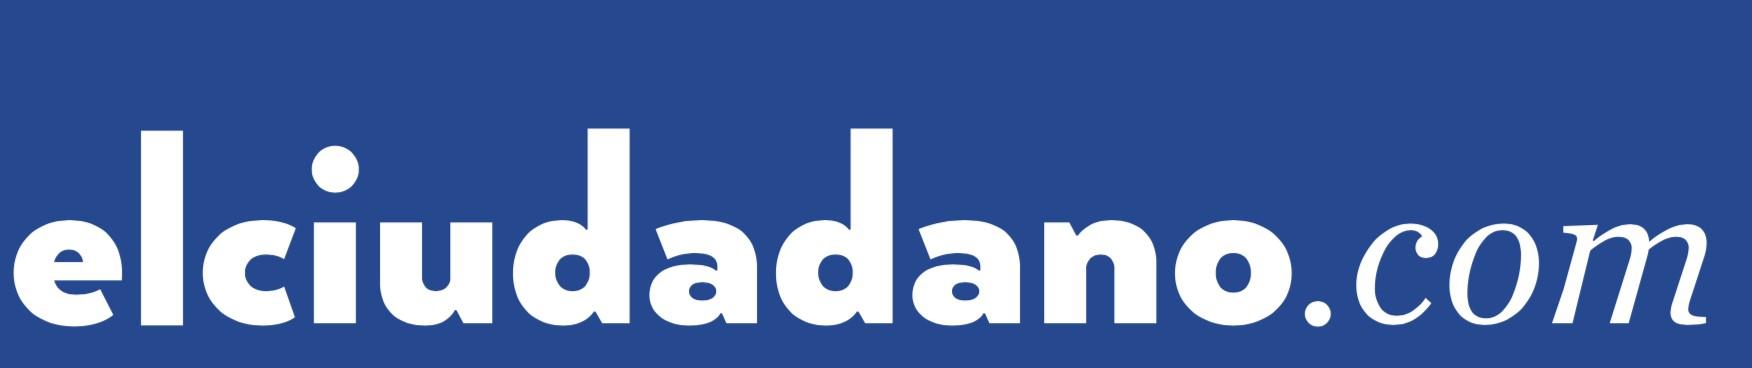 EL Ciudadano | LinkedIn